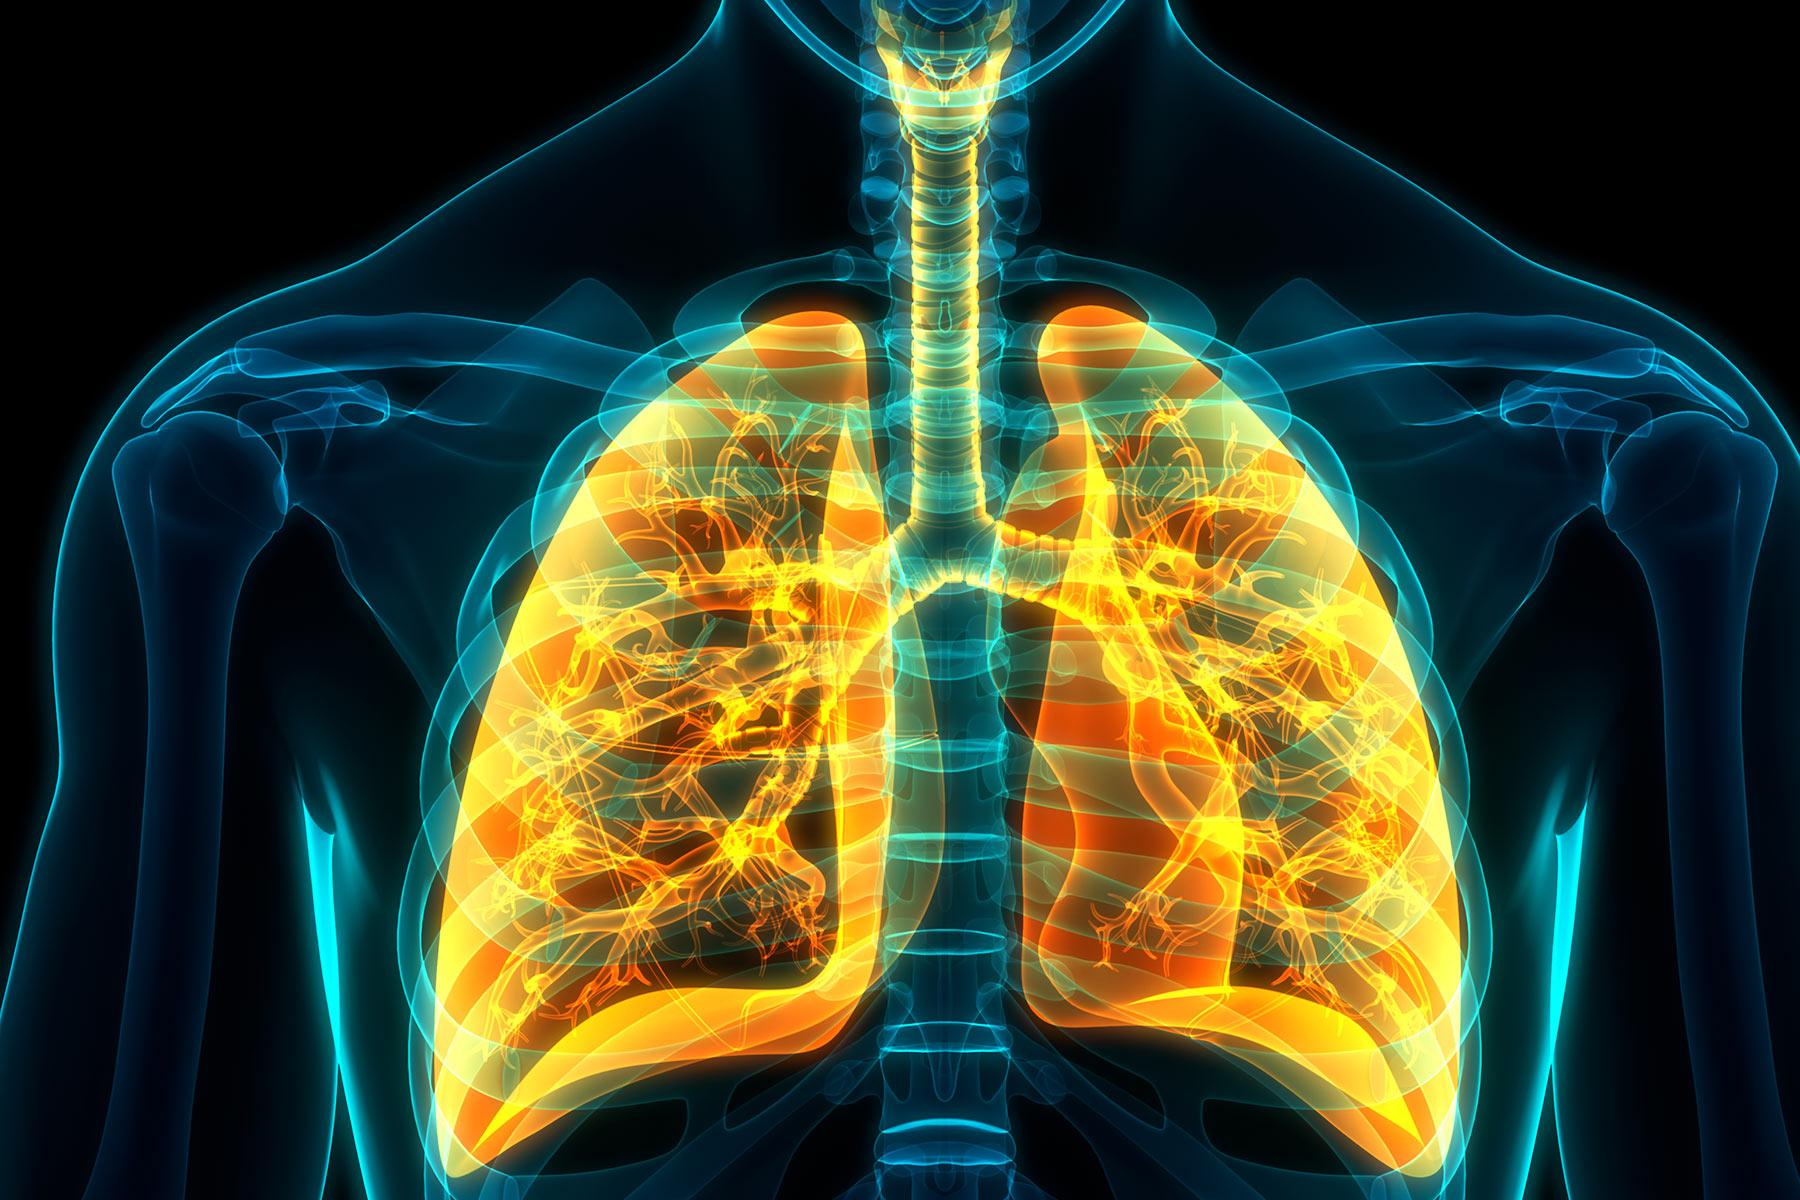 دراسة حديثة ترصد ضررا في الرئة يطول أمده بعد الإصابة بفيروس كورونا